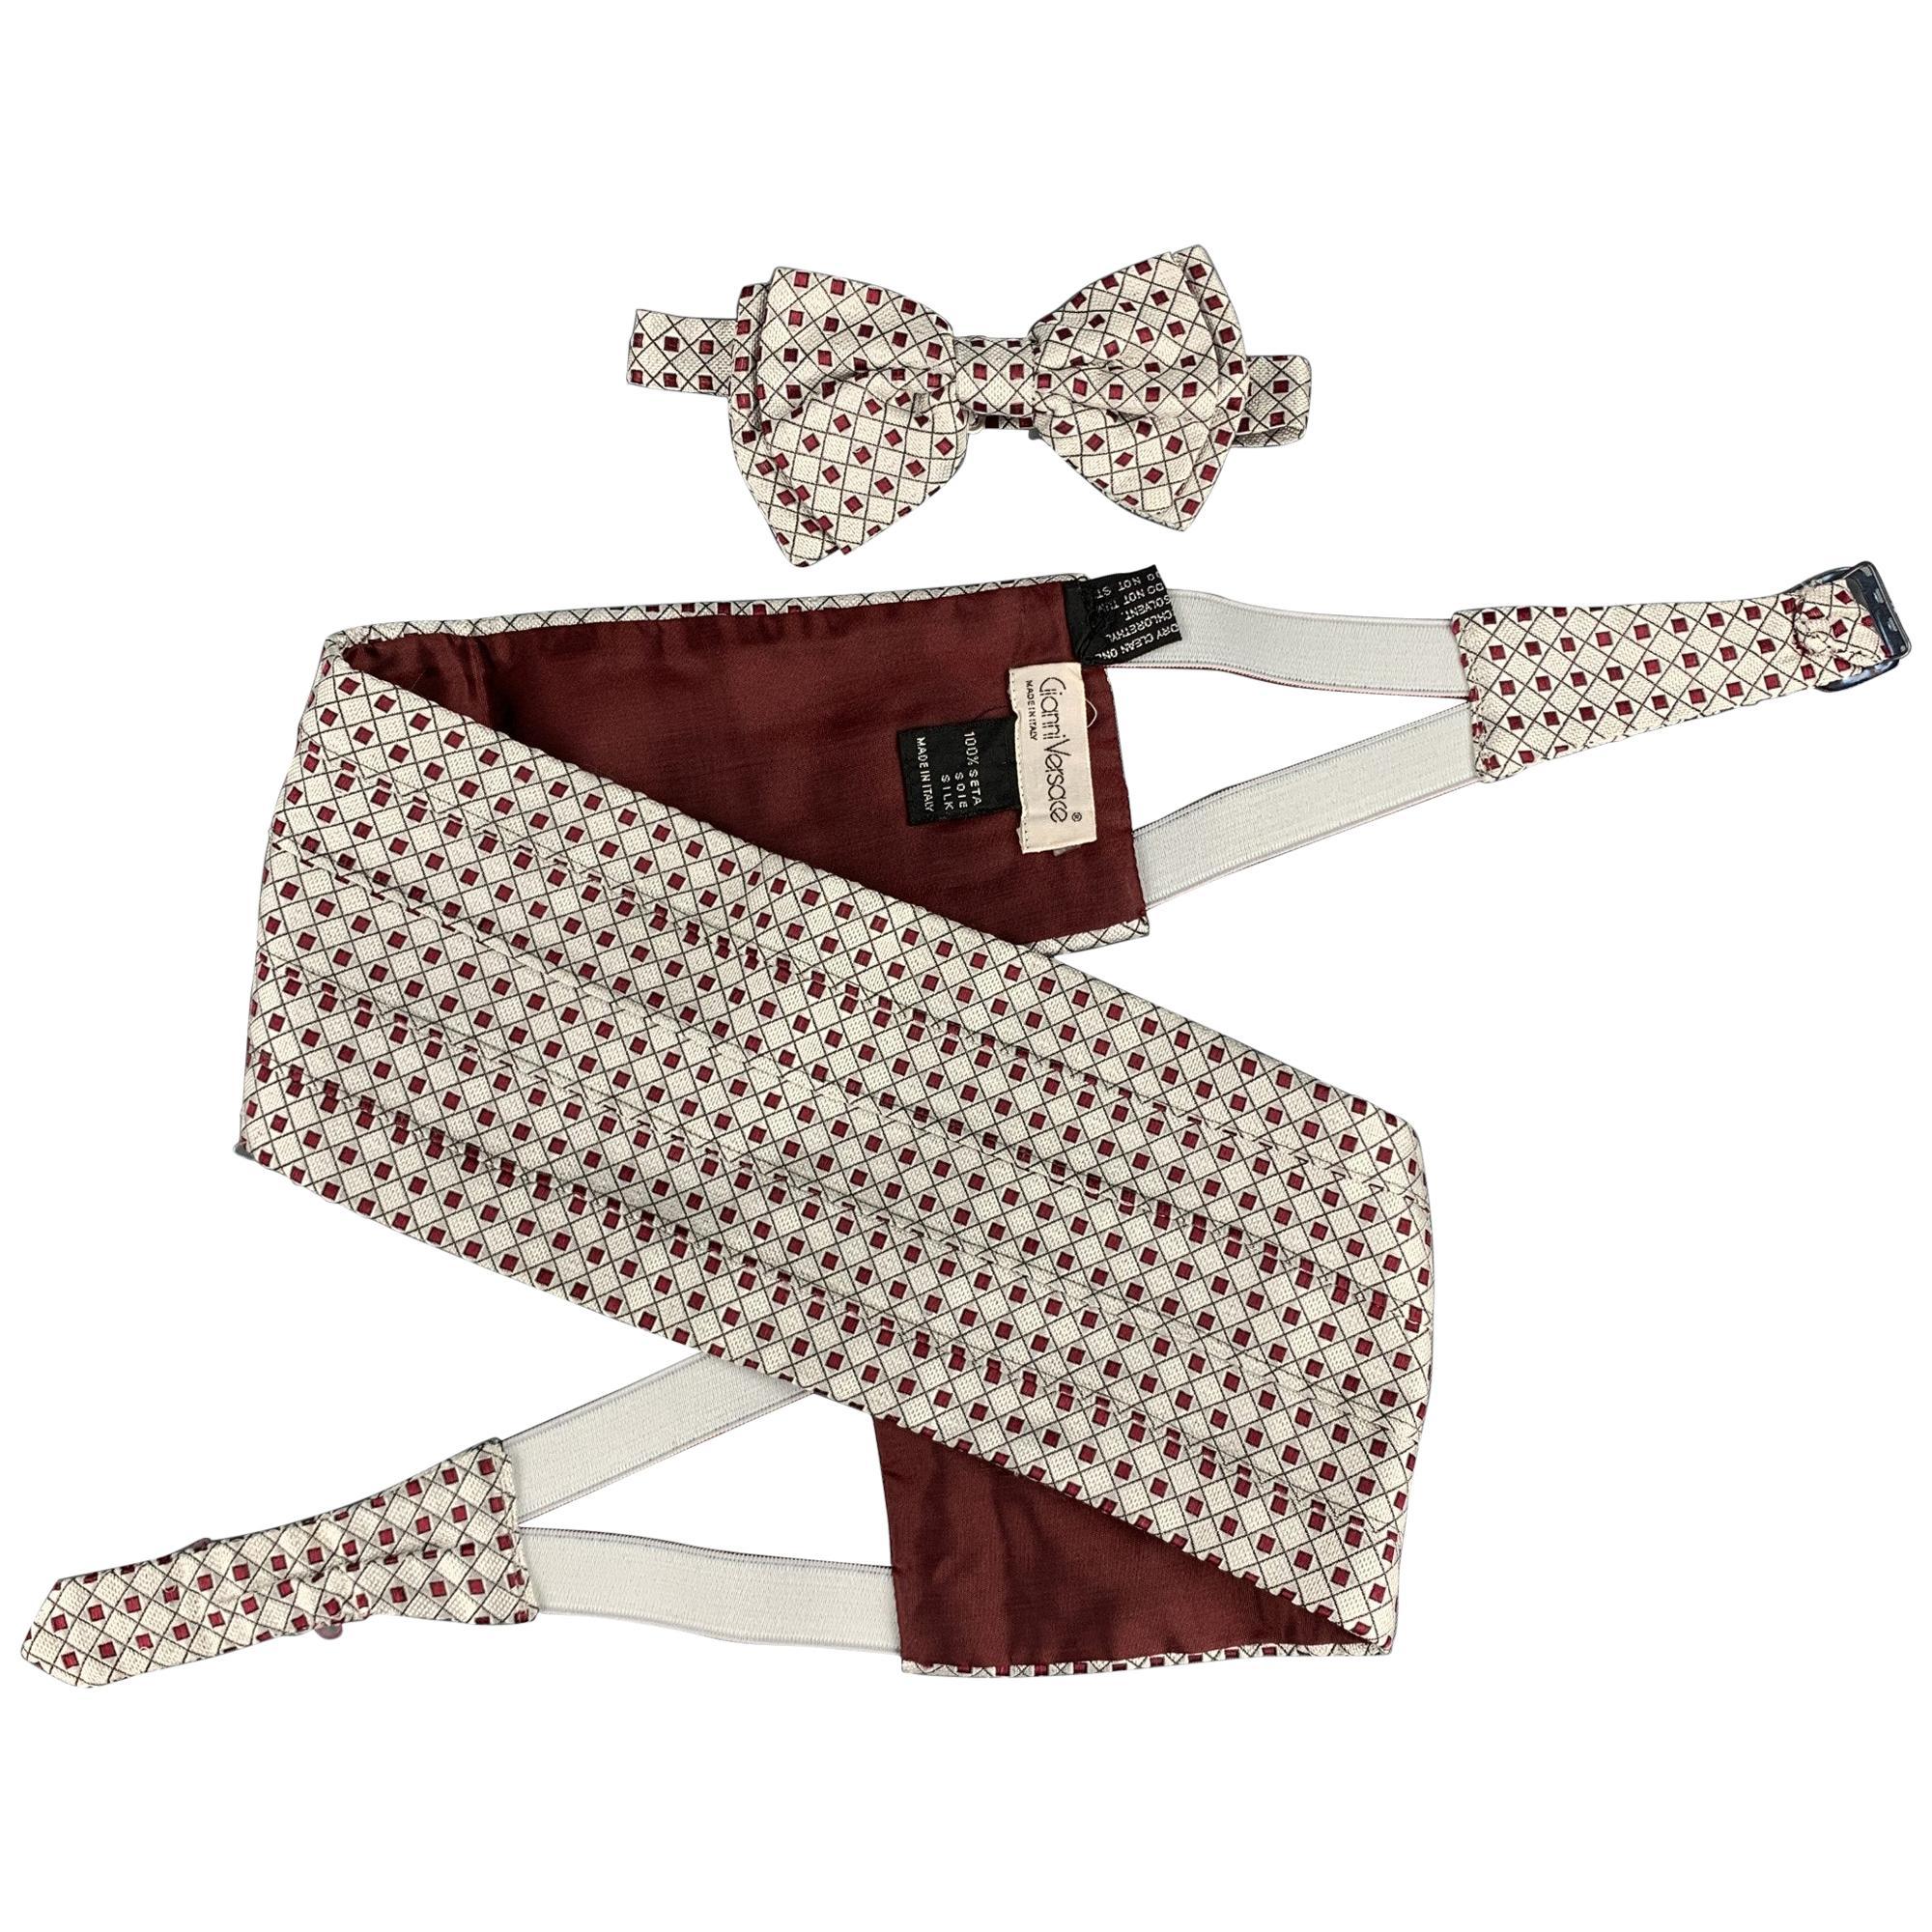 Vintage GIANNI VERSACE Silver & Burgundy Woven Silk Cummerbund & Bow Tie Set